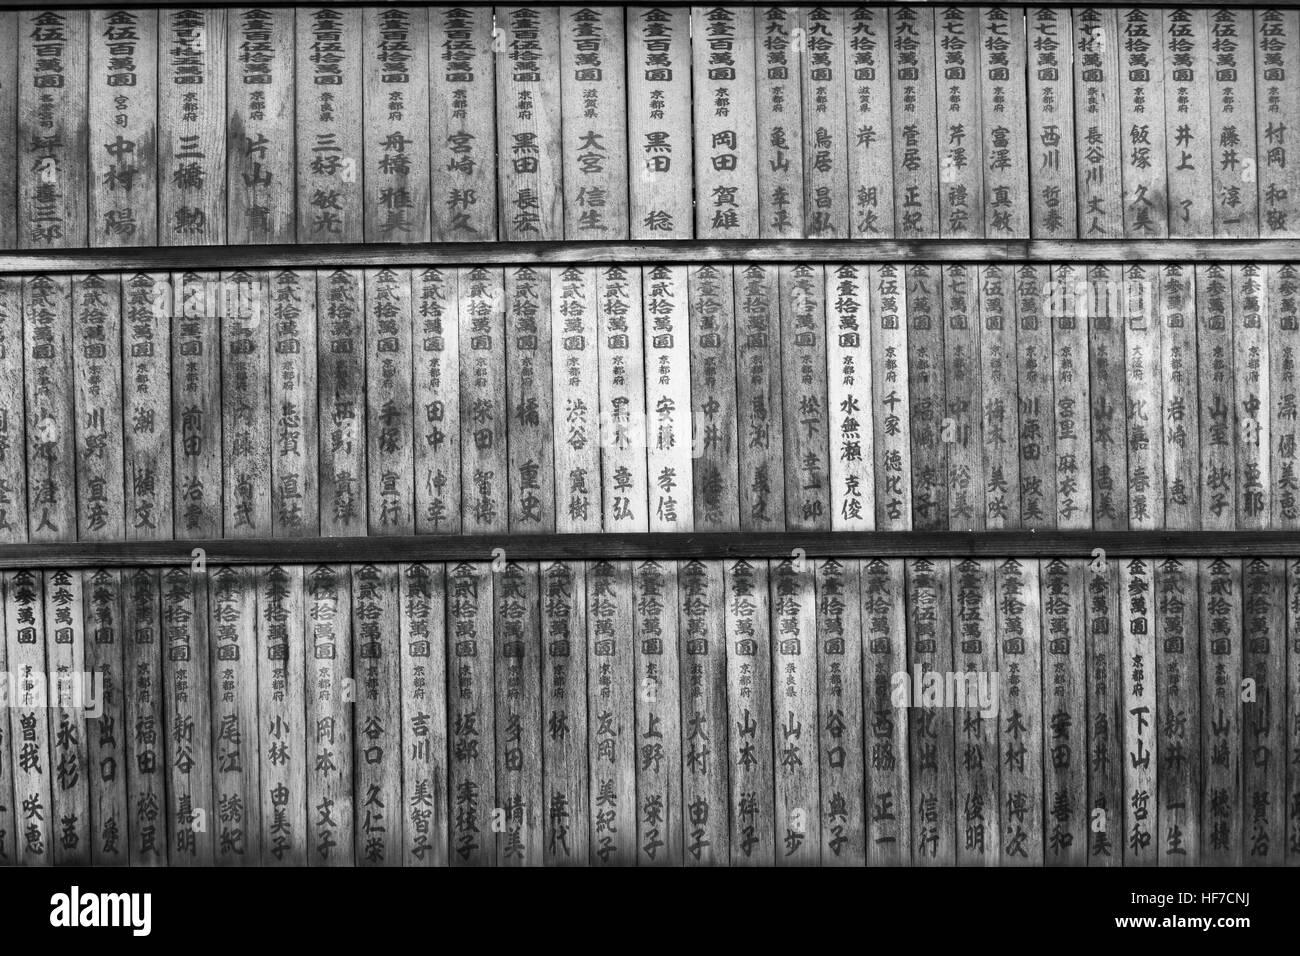 Wooden boards with donations, Fushimi Inari Taisha Shinto Shrine, Kyoto, Japan - Stock Image